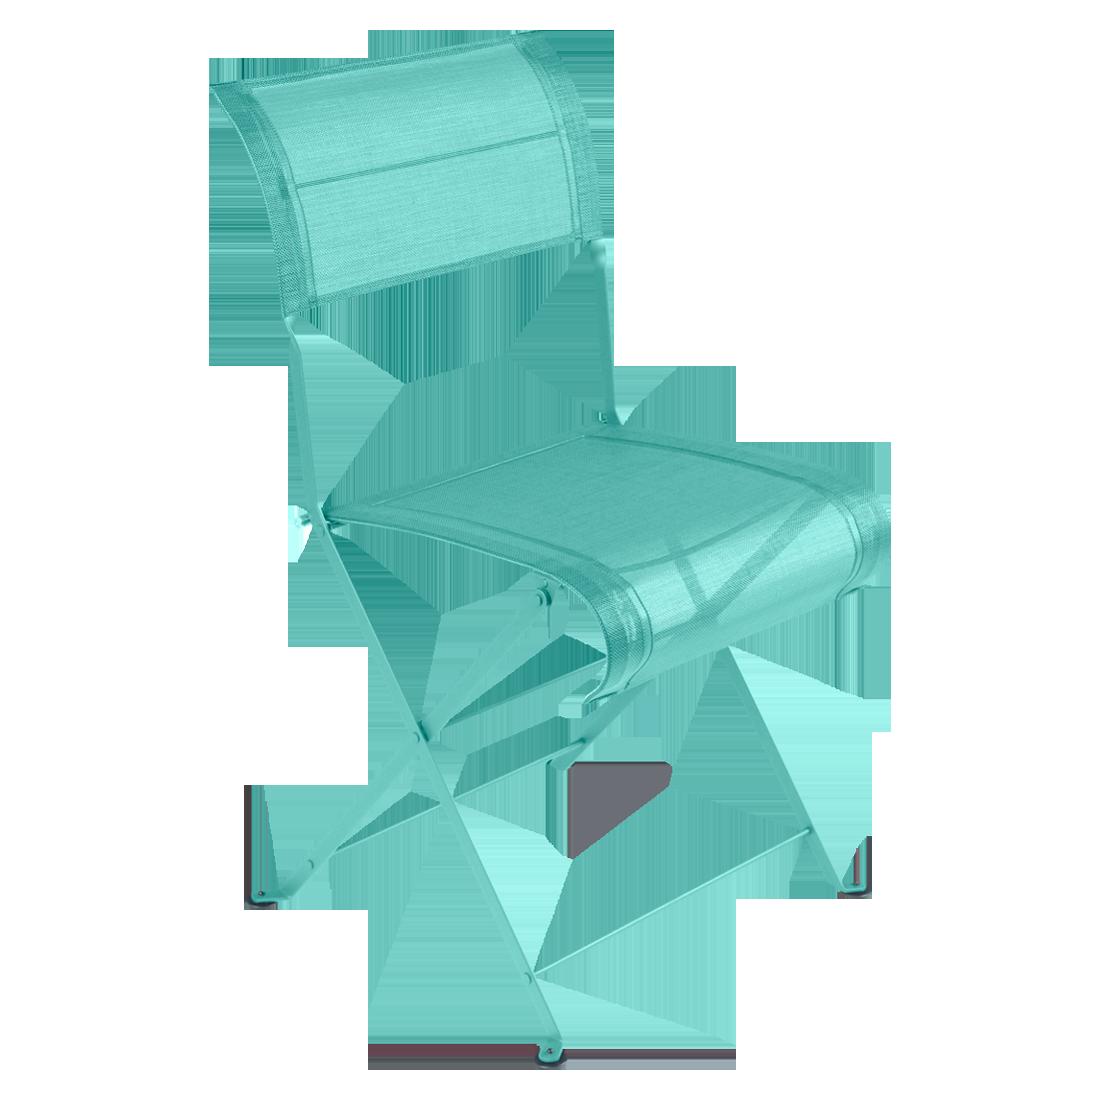 chaise en toile, chaise pliante bleu, chaise bleu, chaise toile bleu